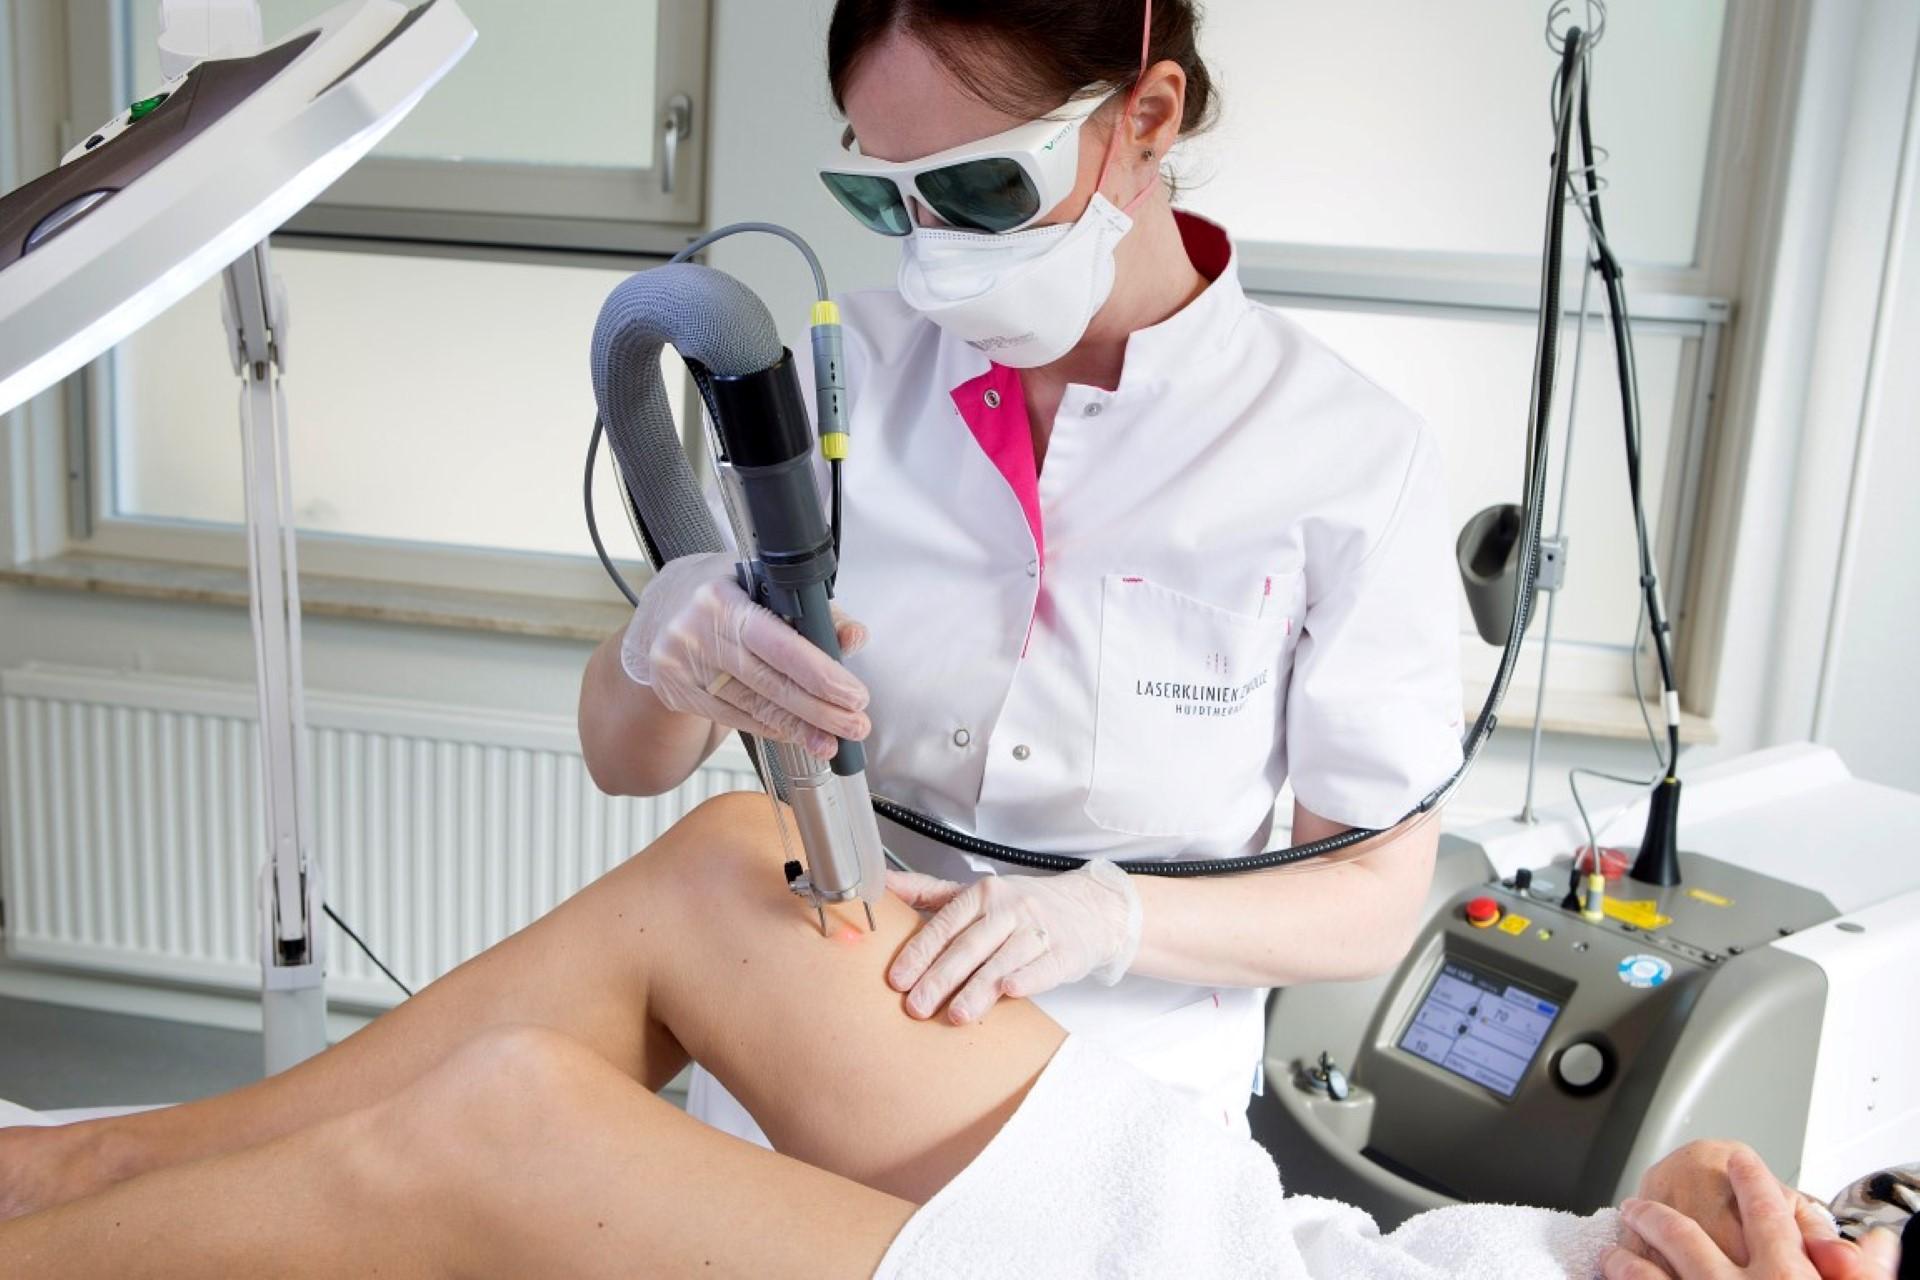 Laserkliniek Zwolle – in 5 stappen een veilige laser behandeling!